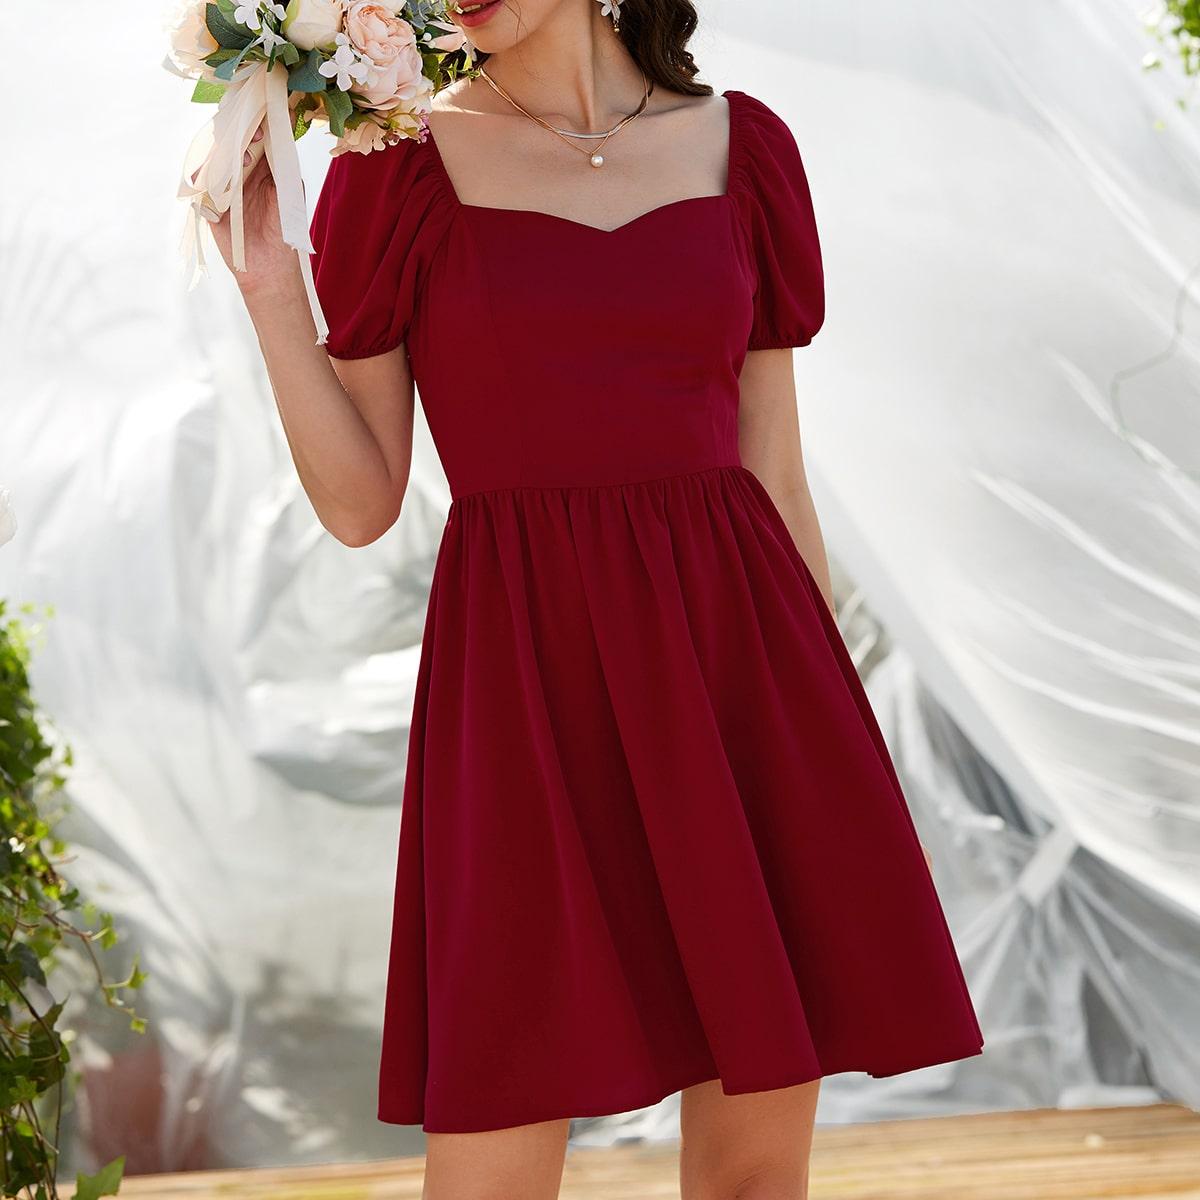 Платье с пышным рукавом и воротником-сердечком по цене 1 000